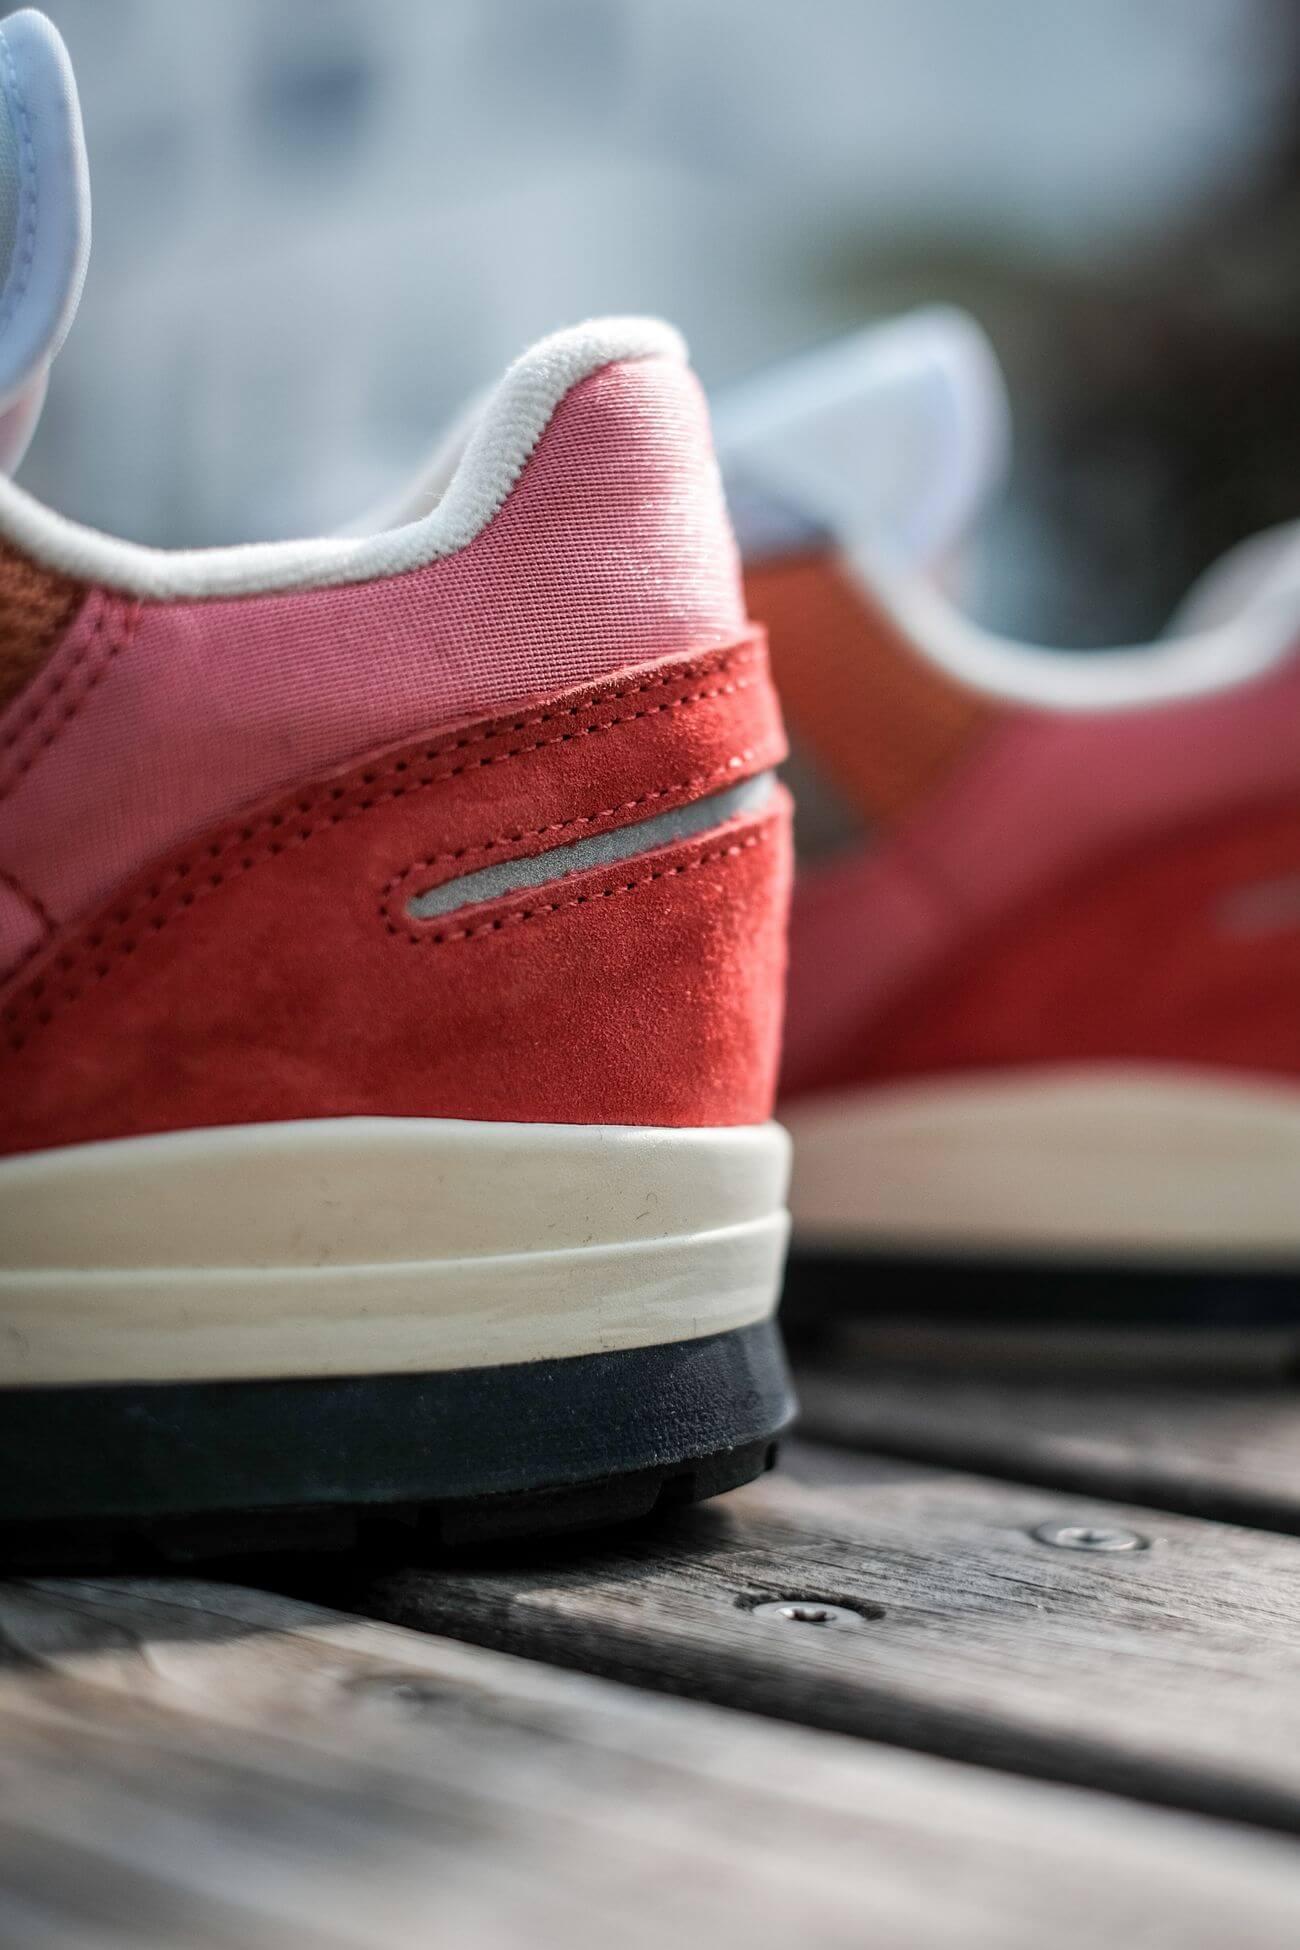 details der ferse - adidas - ZX 420 - crew red/ambient blush/cream white - H02128